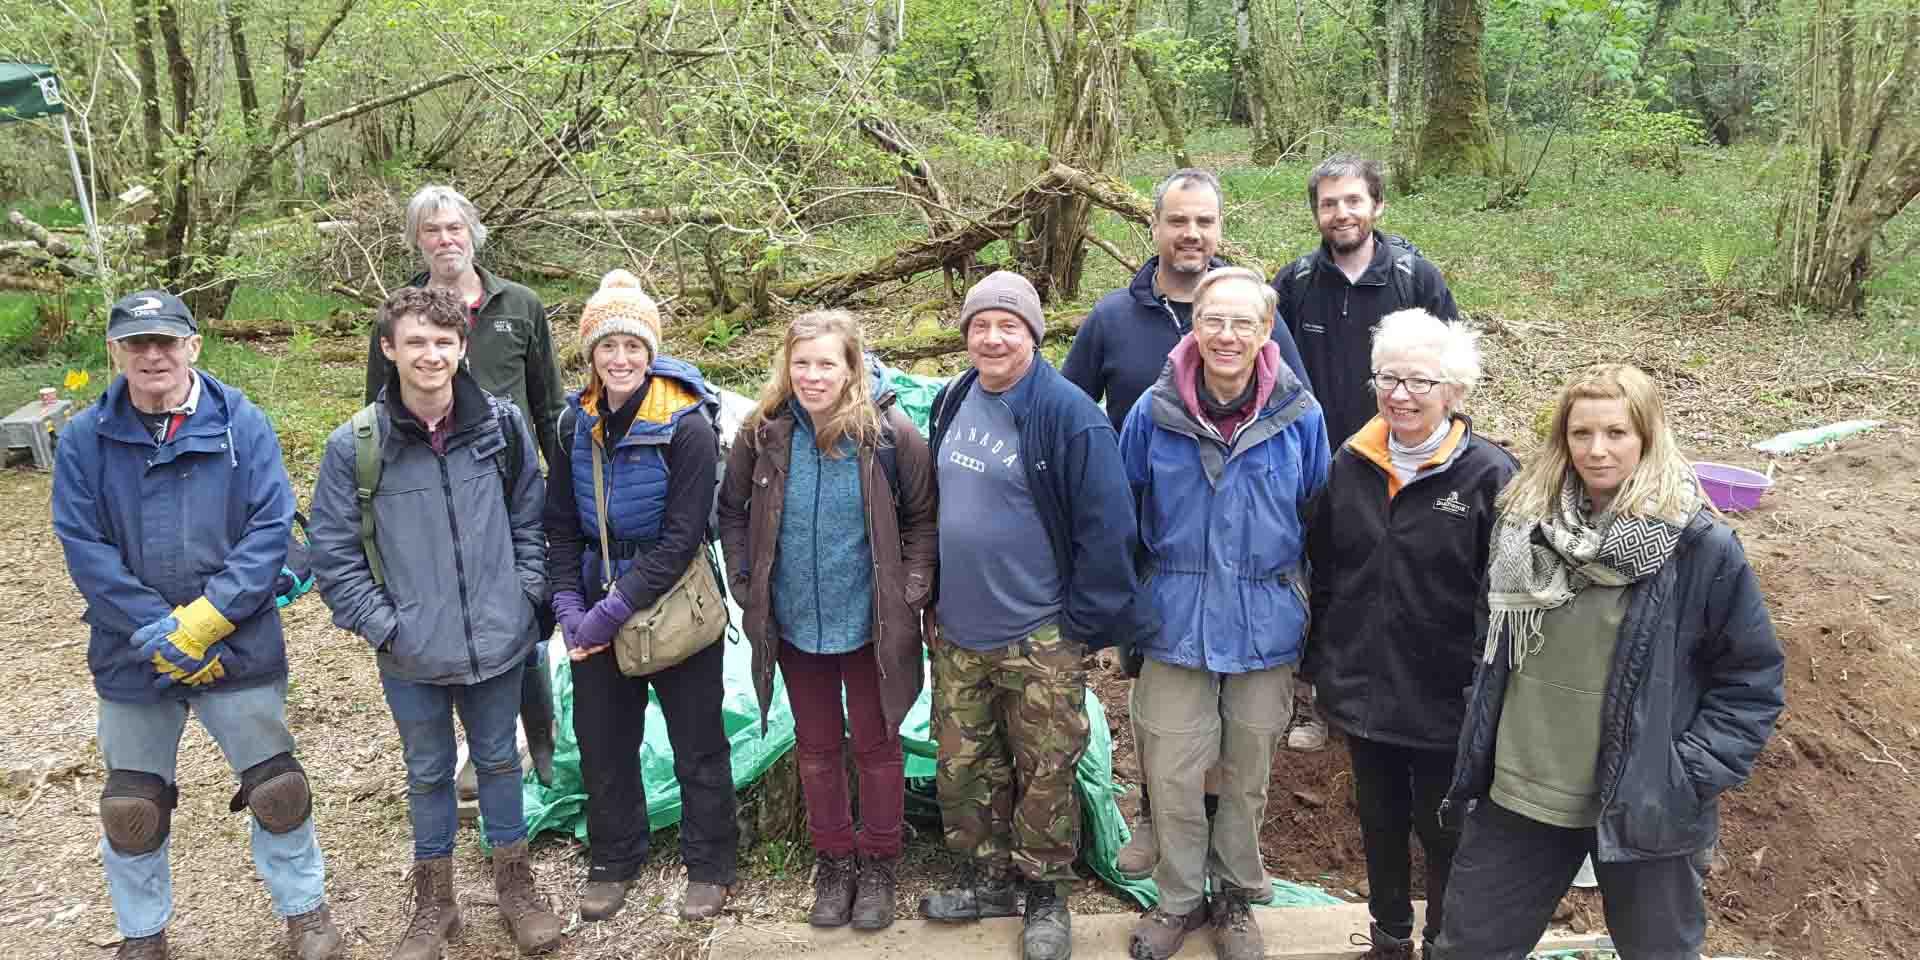 Volunteer team photo at the Vinnimore dig